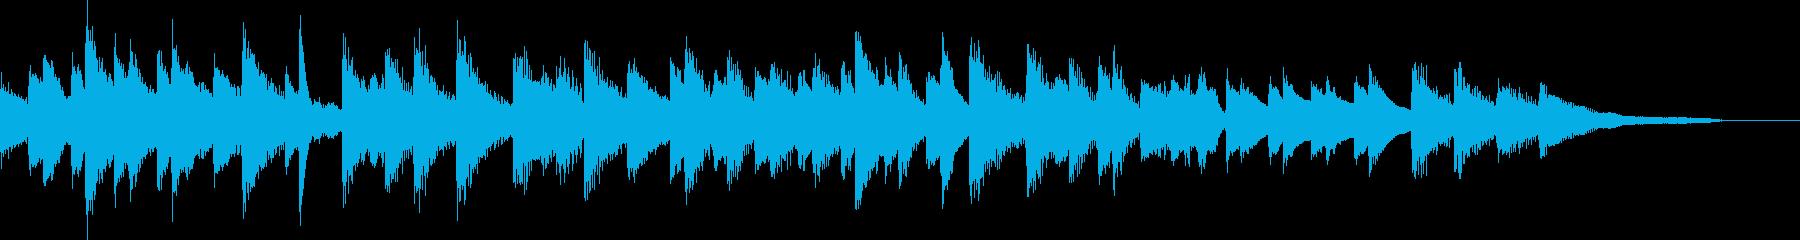 秋の夜のスローテンポジャズピアノジングルの再生済みの波形